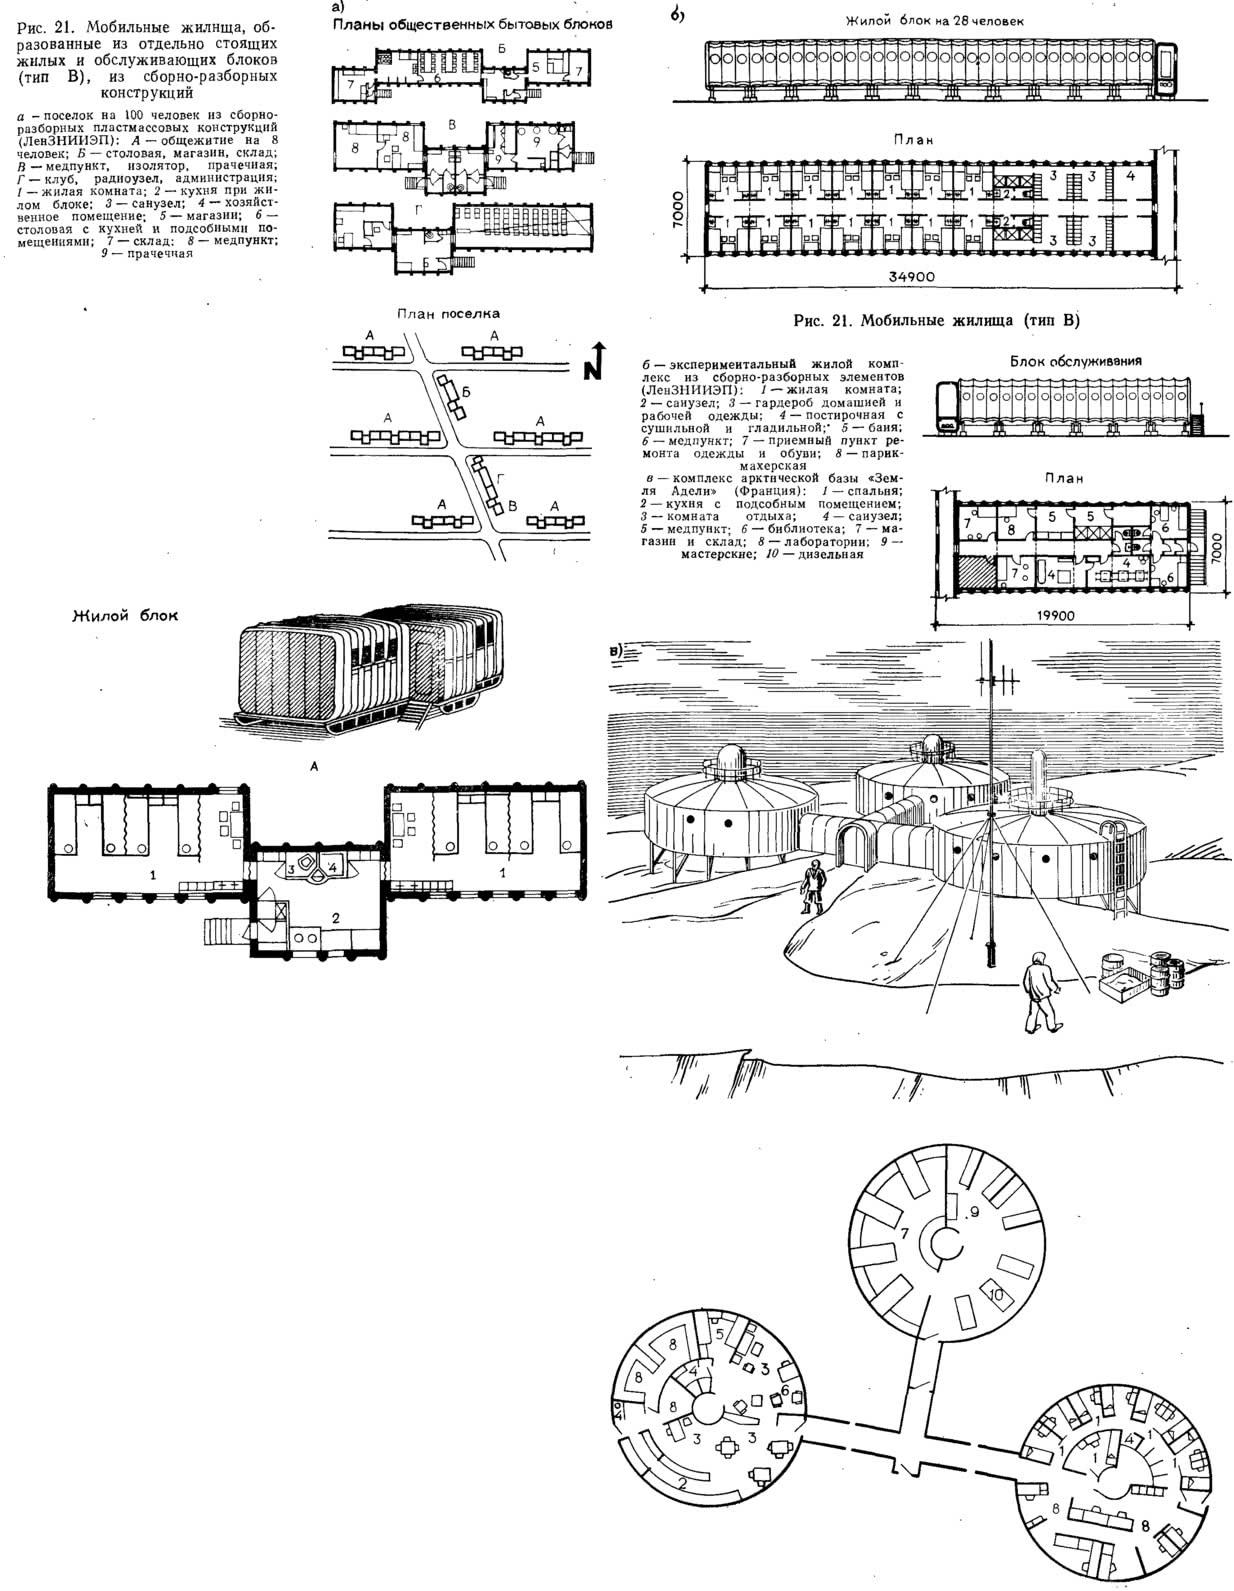 Рис. 21. Мобильные жилища, образованные из жилых и обслуживающих блоков (тип В)